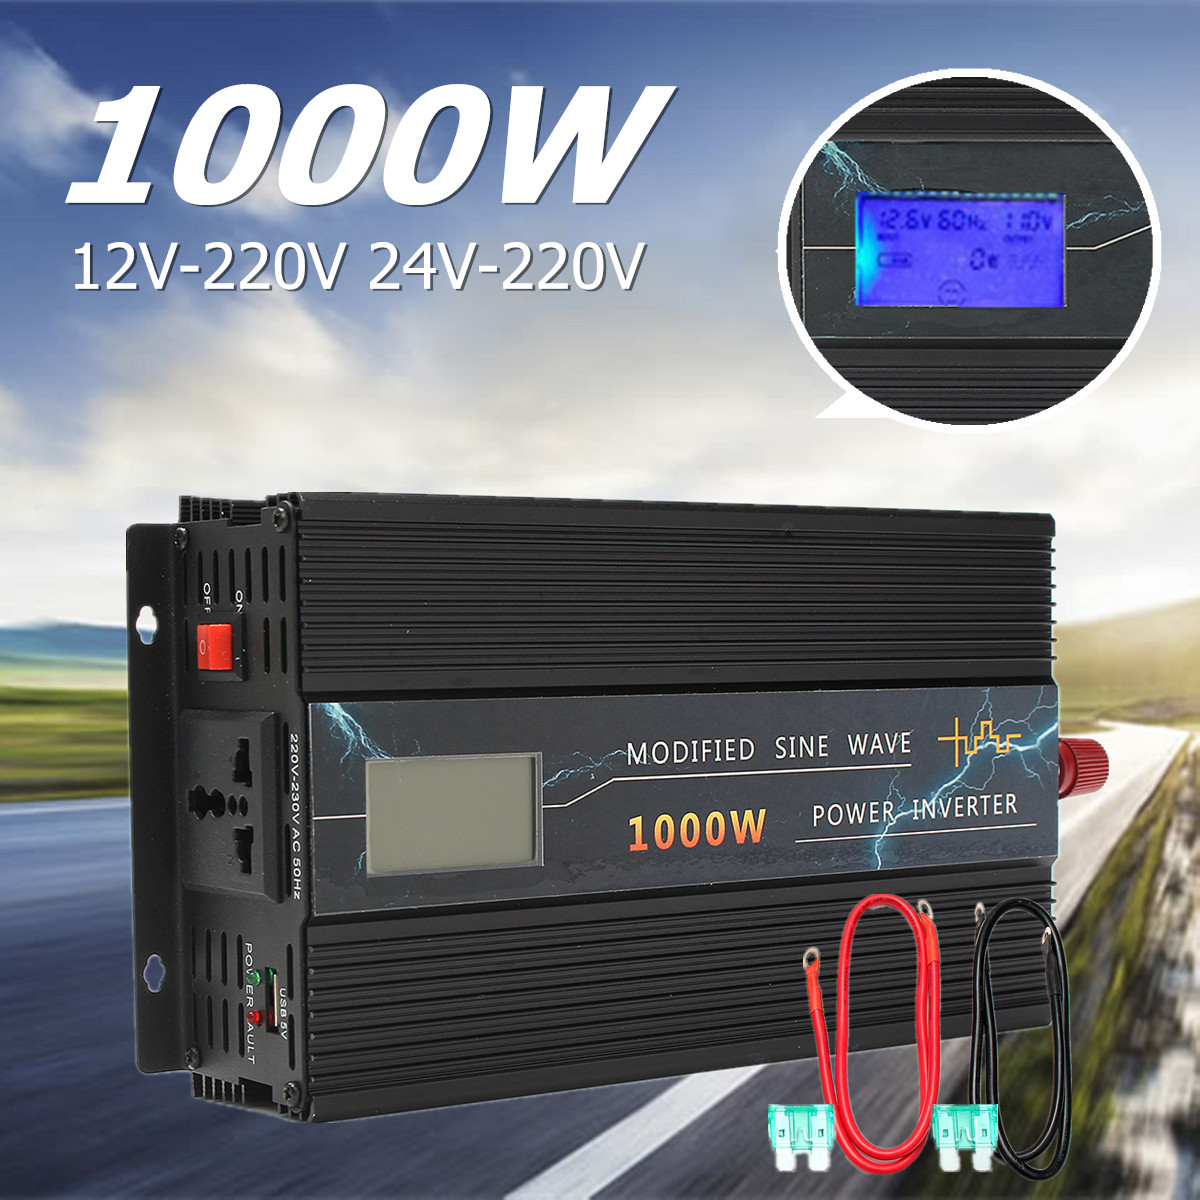 1000W Car Modified Sine Wave Power Inverter Converter DC 12V/24V To AC 220V LCD 50Hz Intelligent Fan Over Voltage Protection 1600w автомобильный инвертор 4 usb 12v 24v до 220v dual digital display of protection voltage modefied sine wave car inverter co